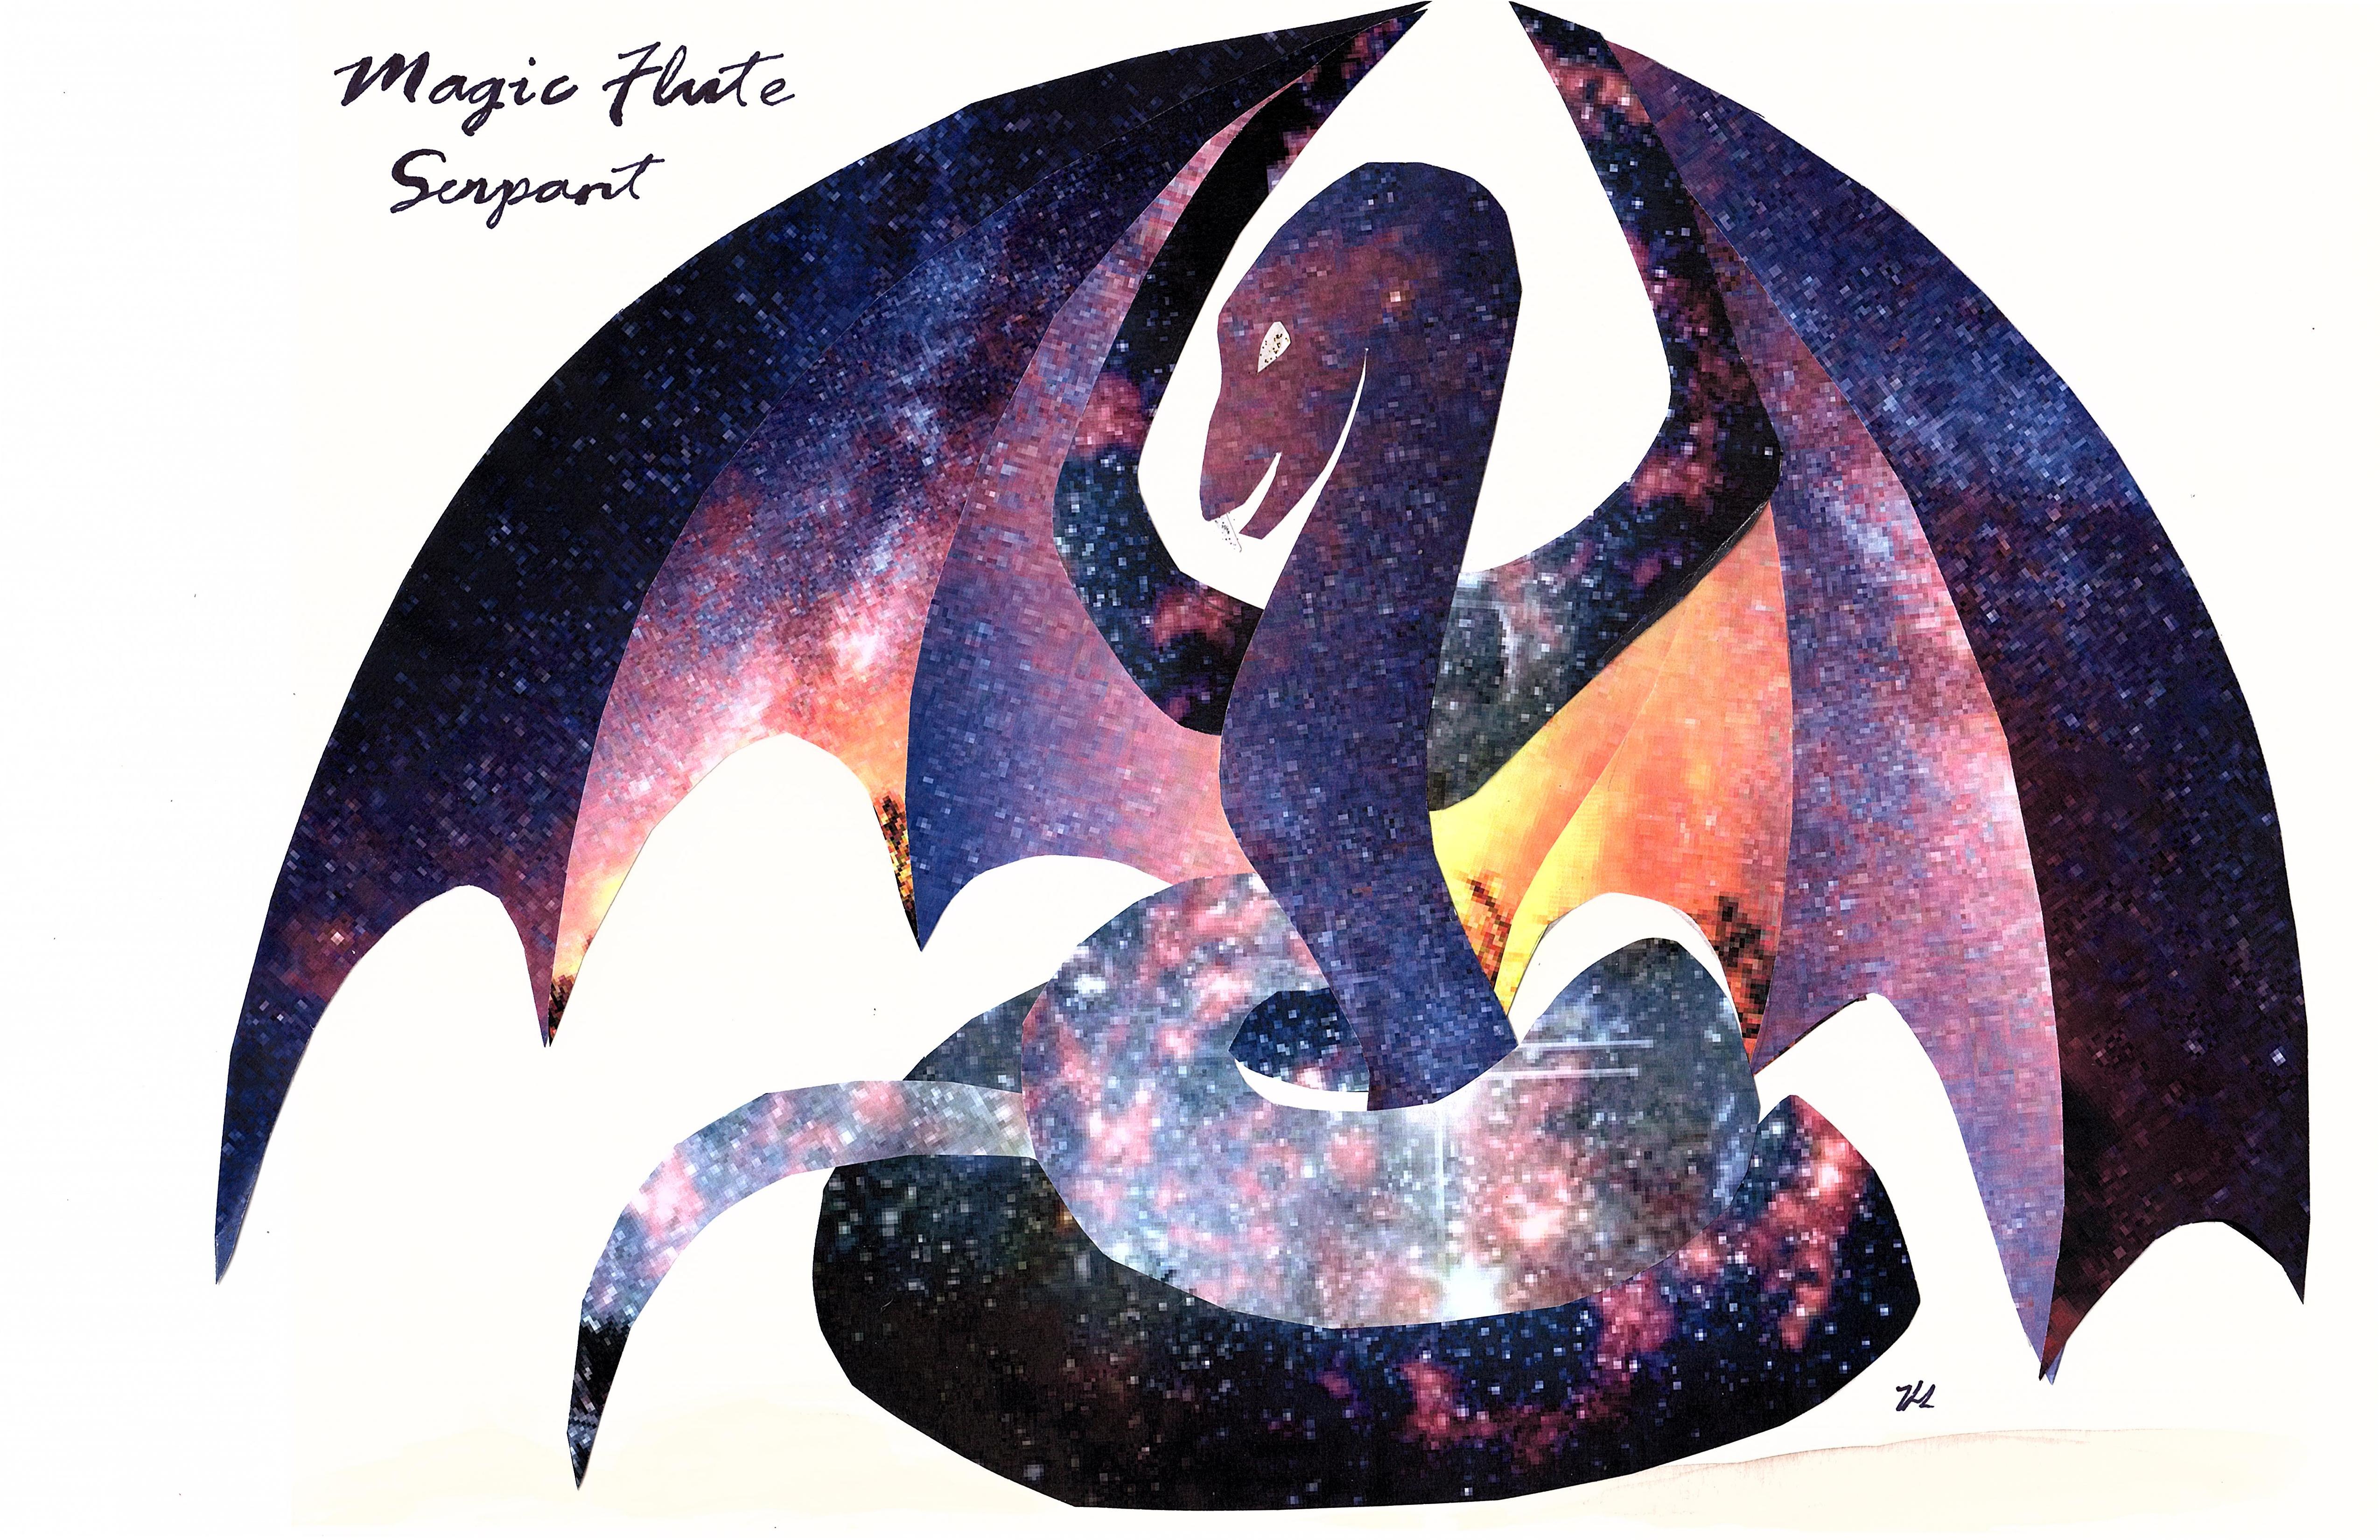 Magic Flute - Serpant